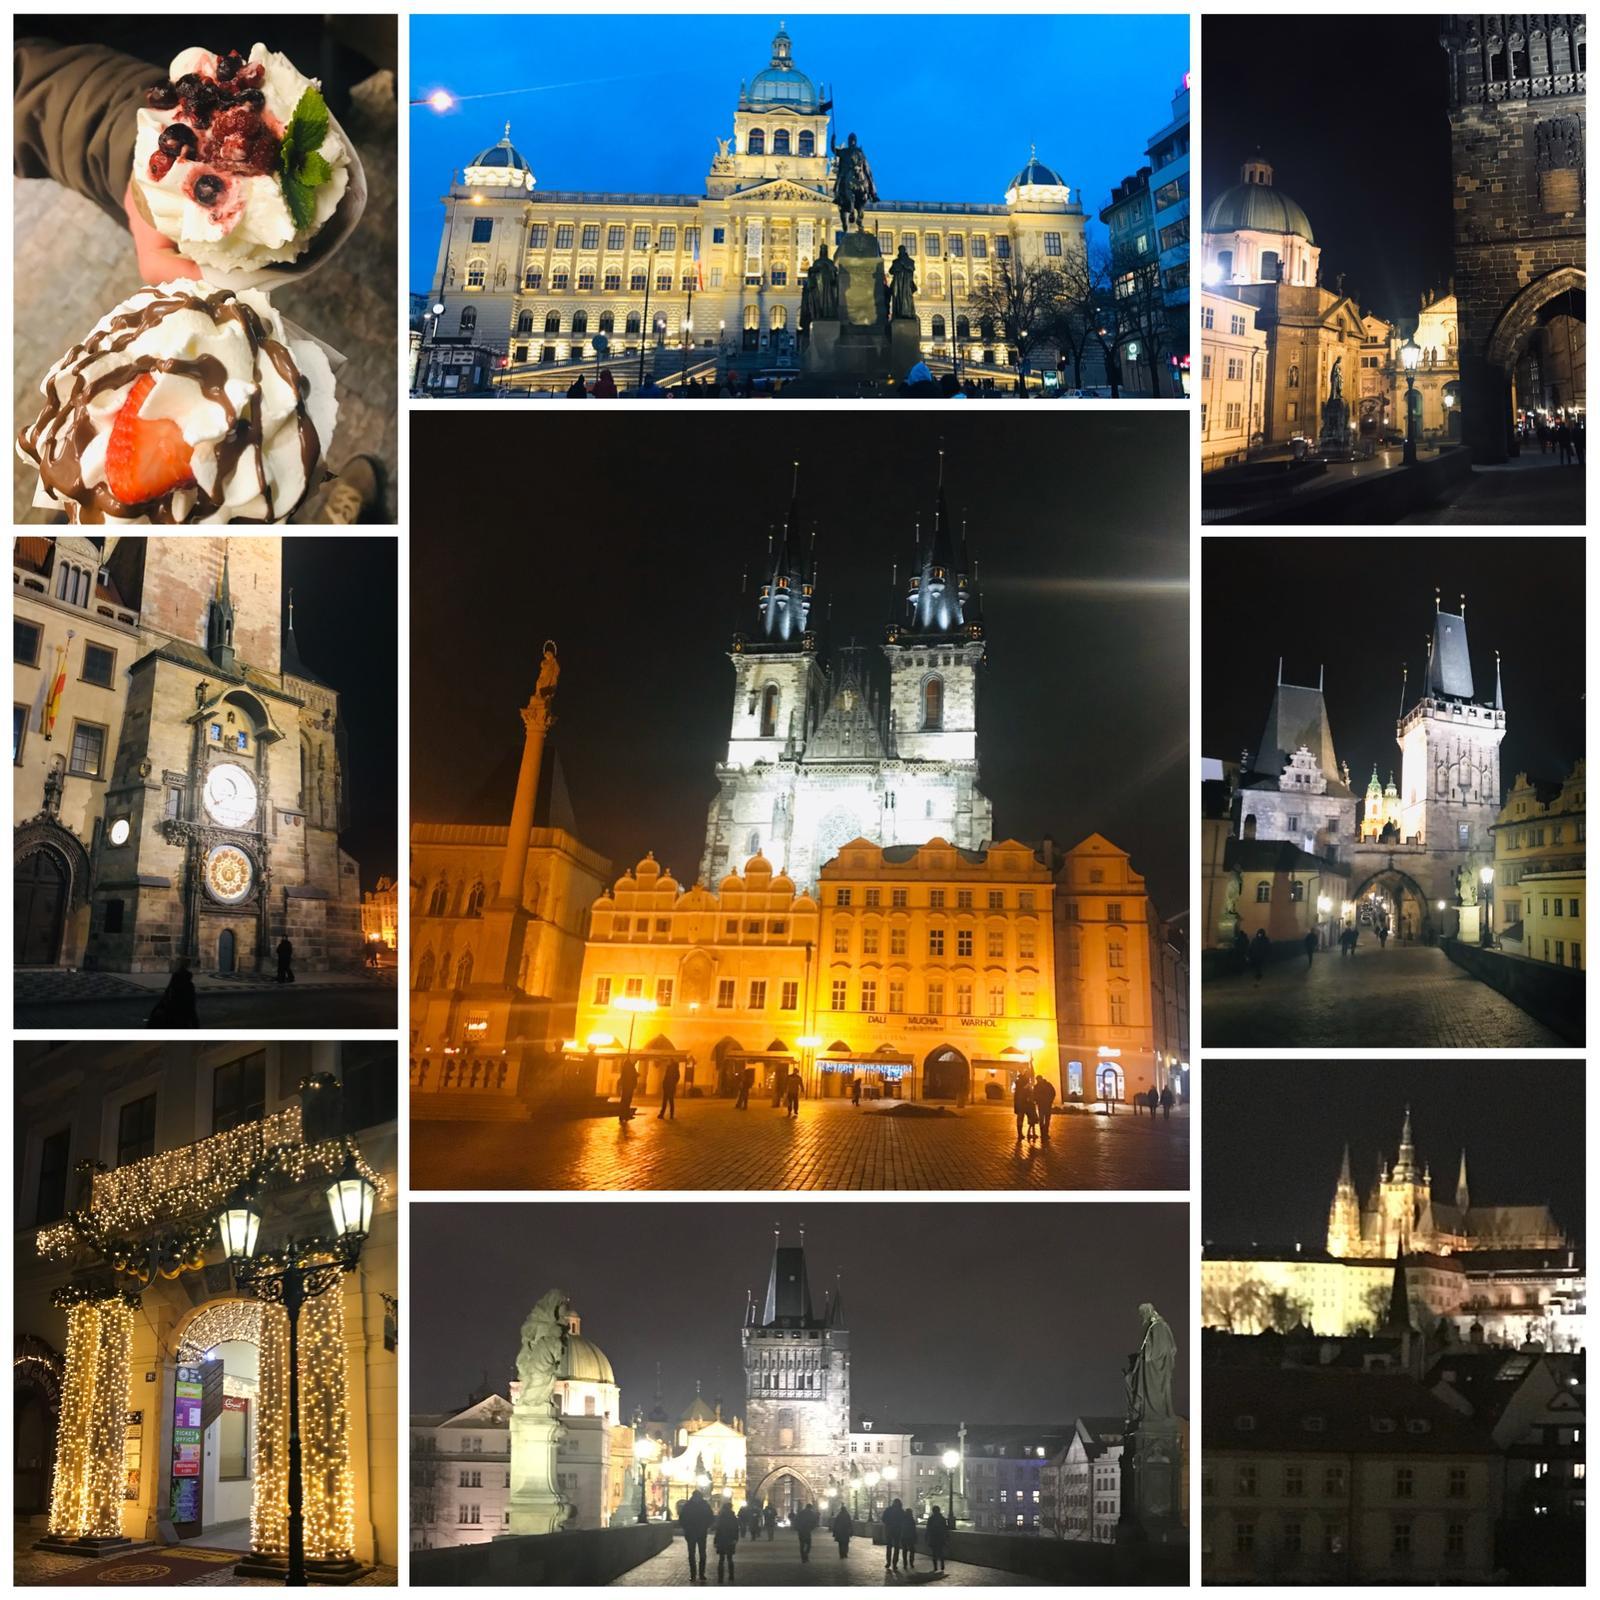 Naše L-ko - 2021 - stále dokončujeme - Krásný večer prajem, posielam pozdrav z nočnej Prahy